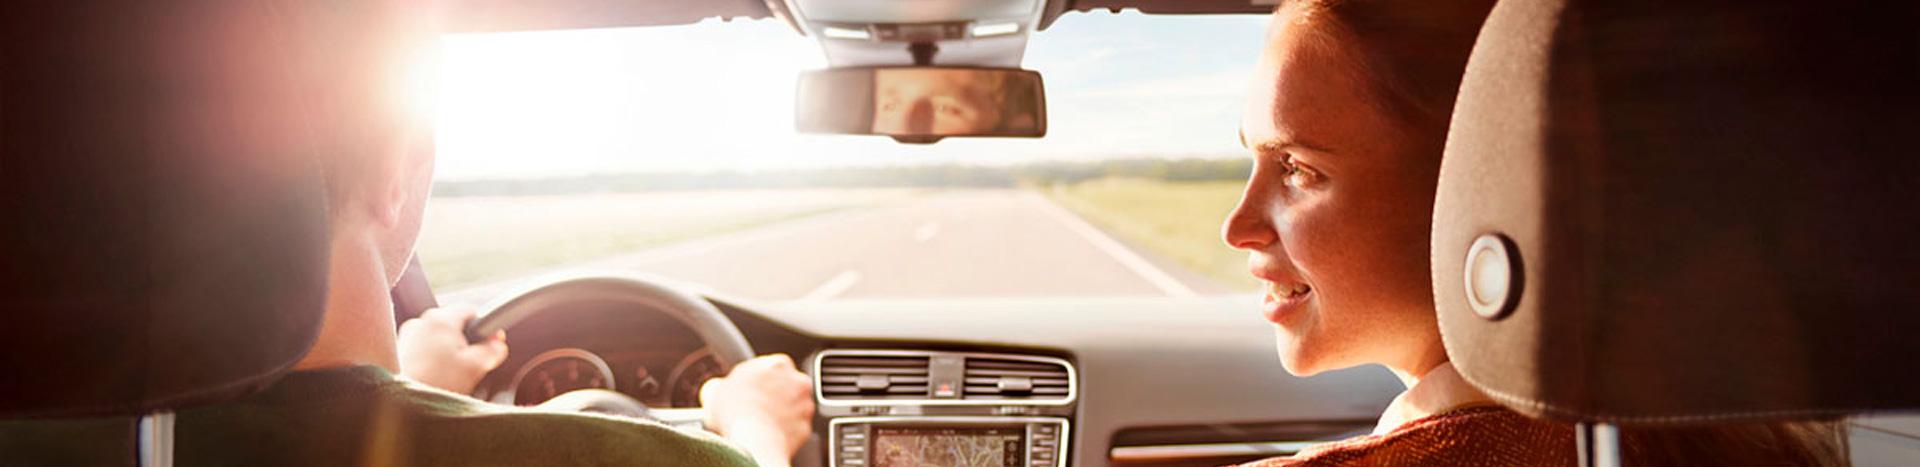 Toma en cuenta la importancia del descanso en carretera en viajes largos